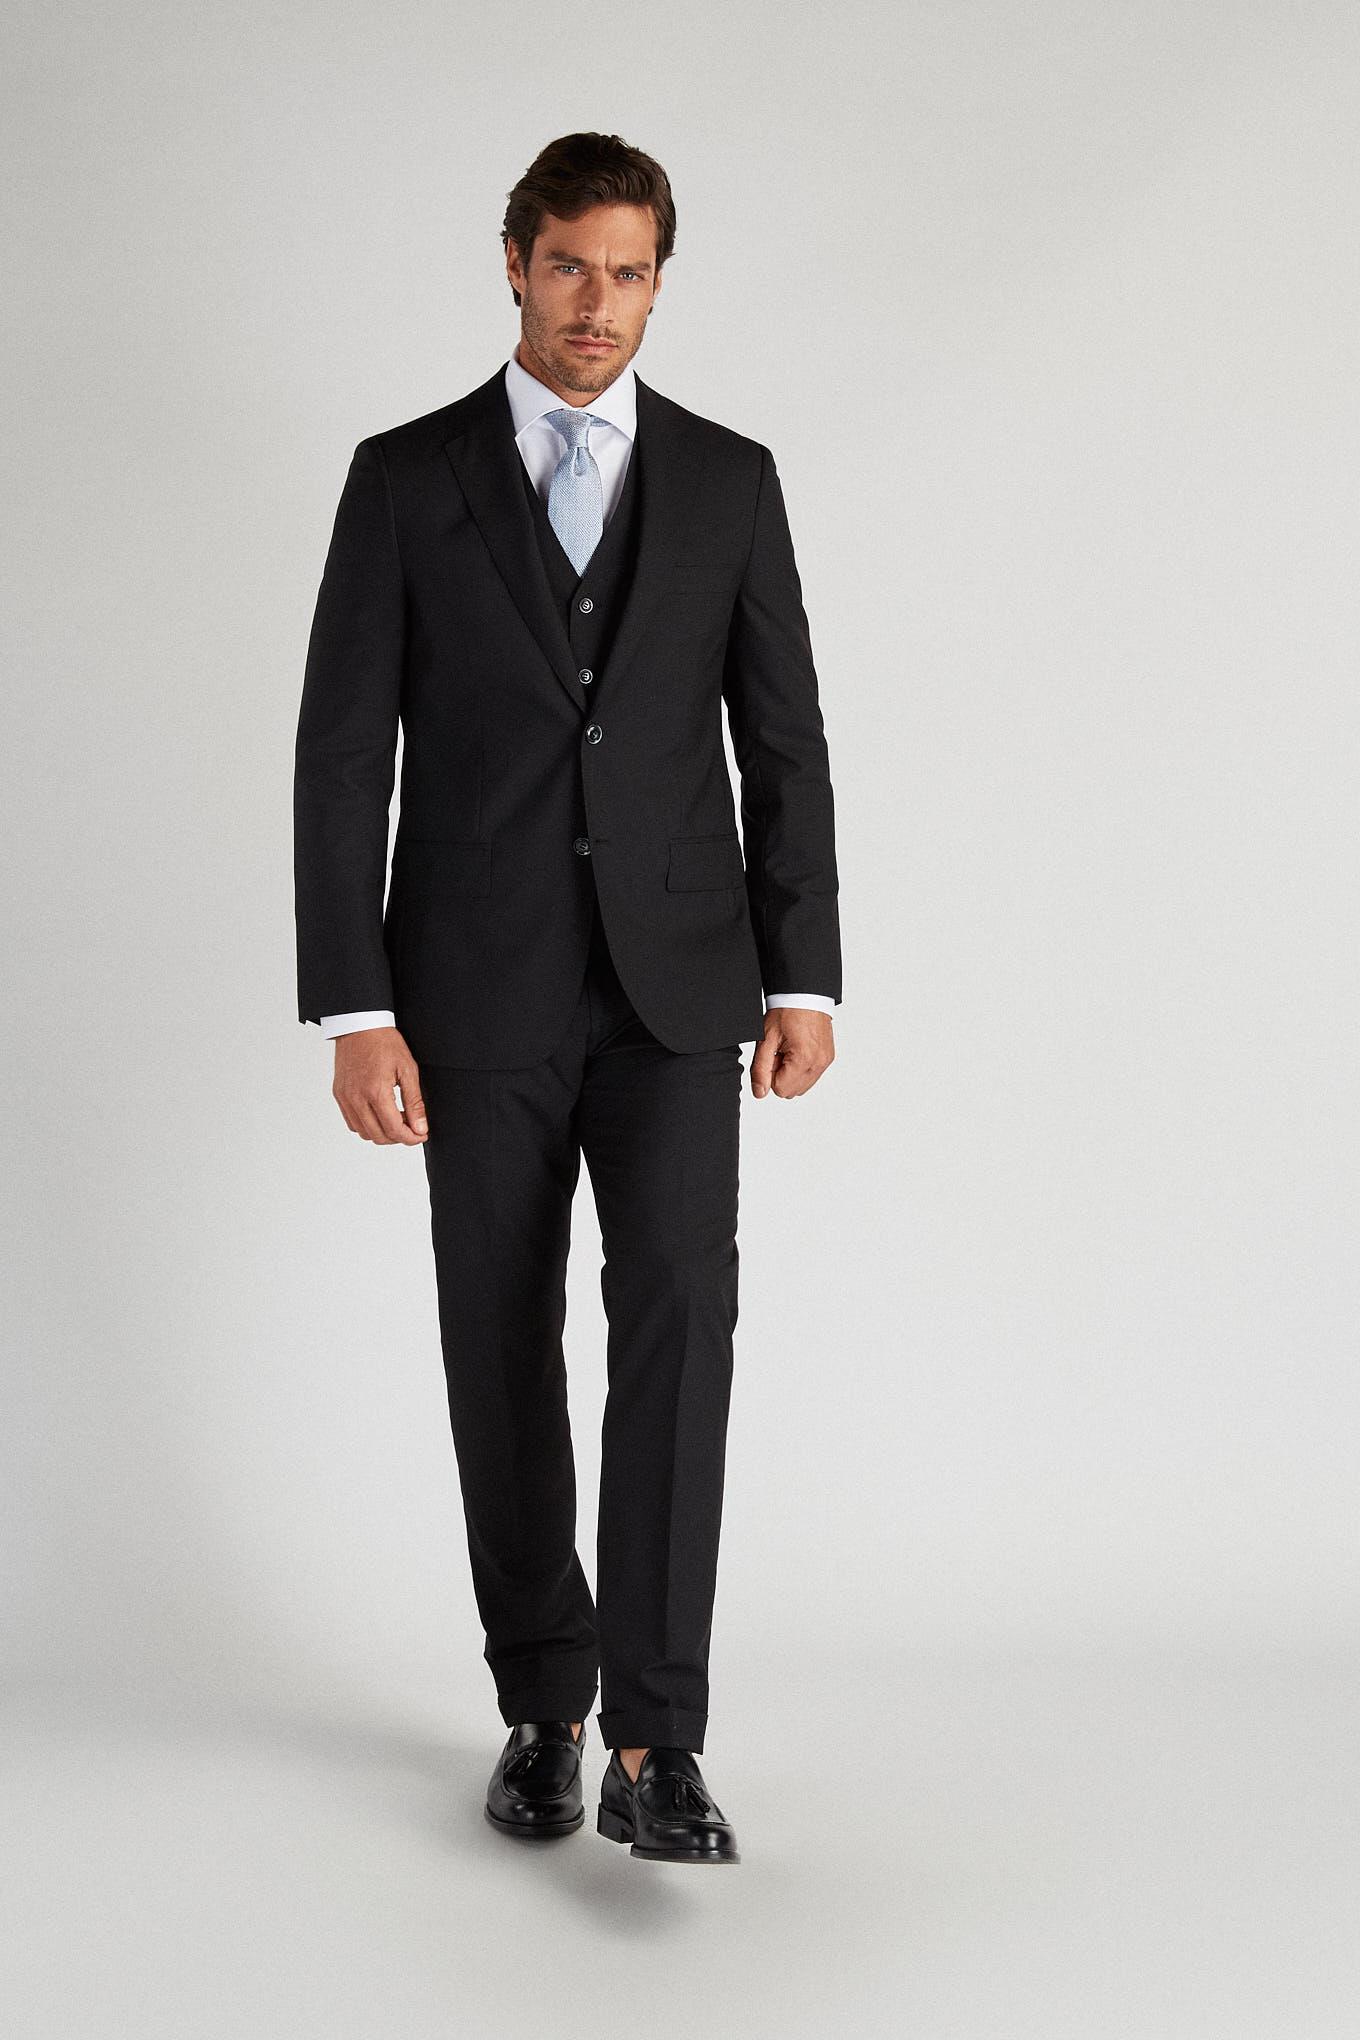 Suit with Vest Black Classic Man